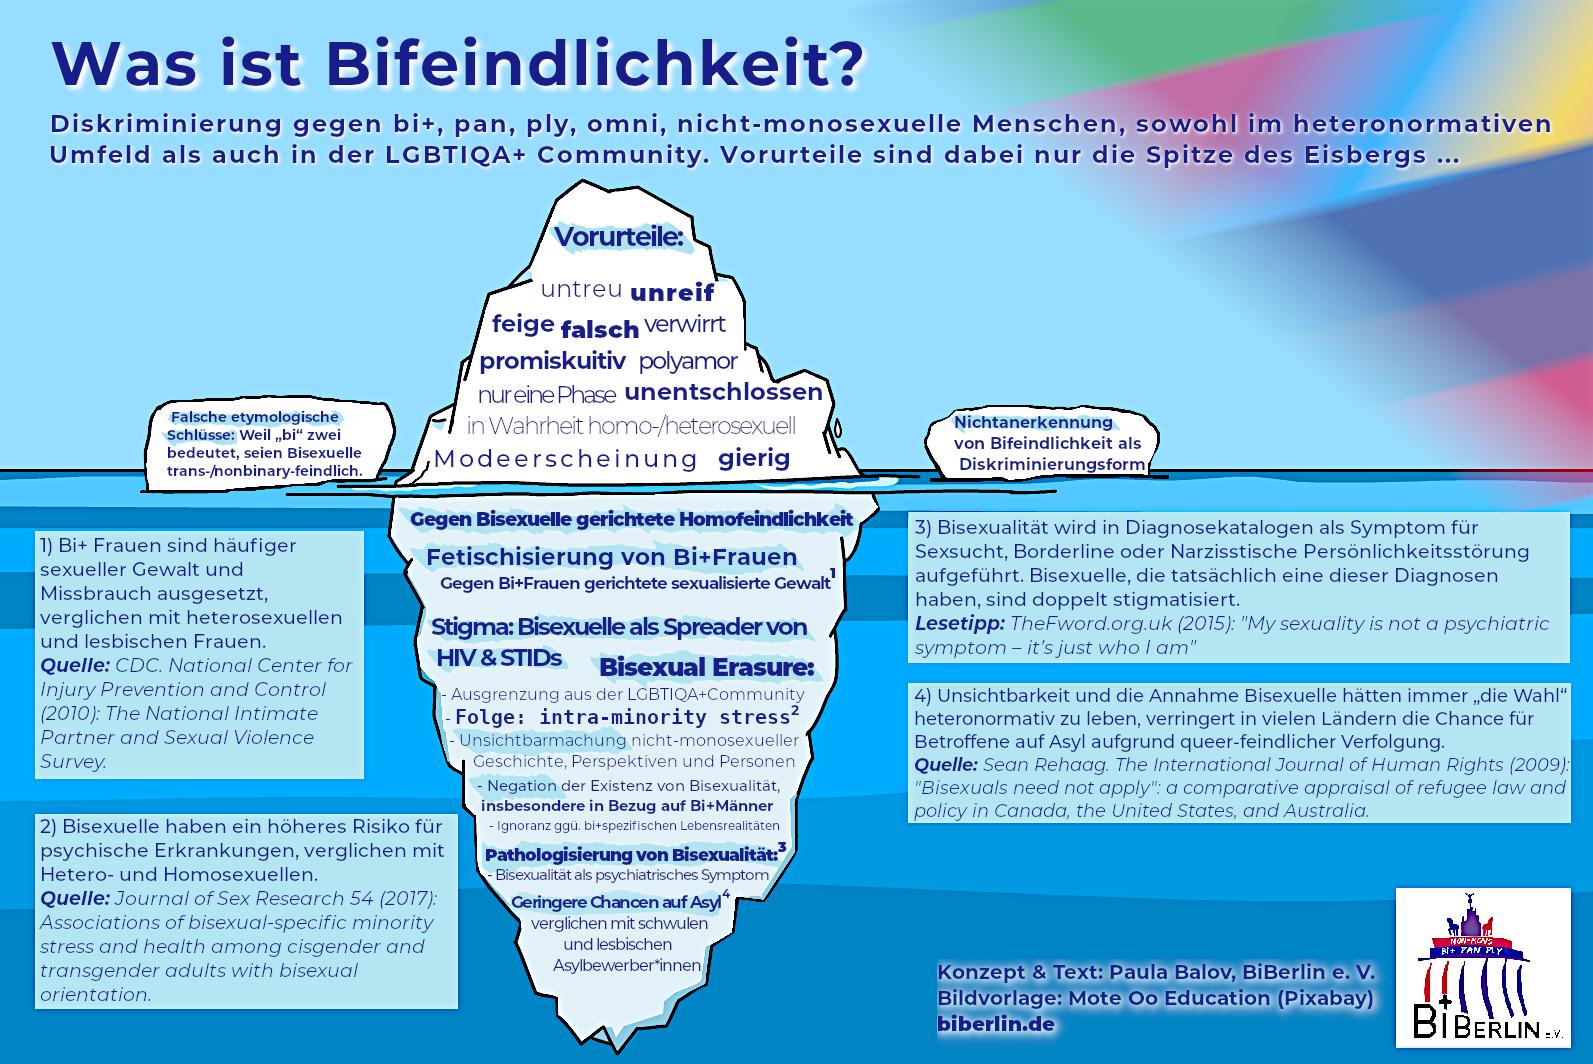 Infografik: Was ist Bifeindlichkeit?